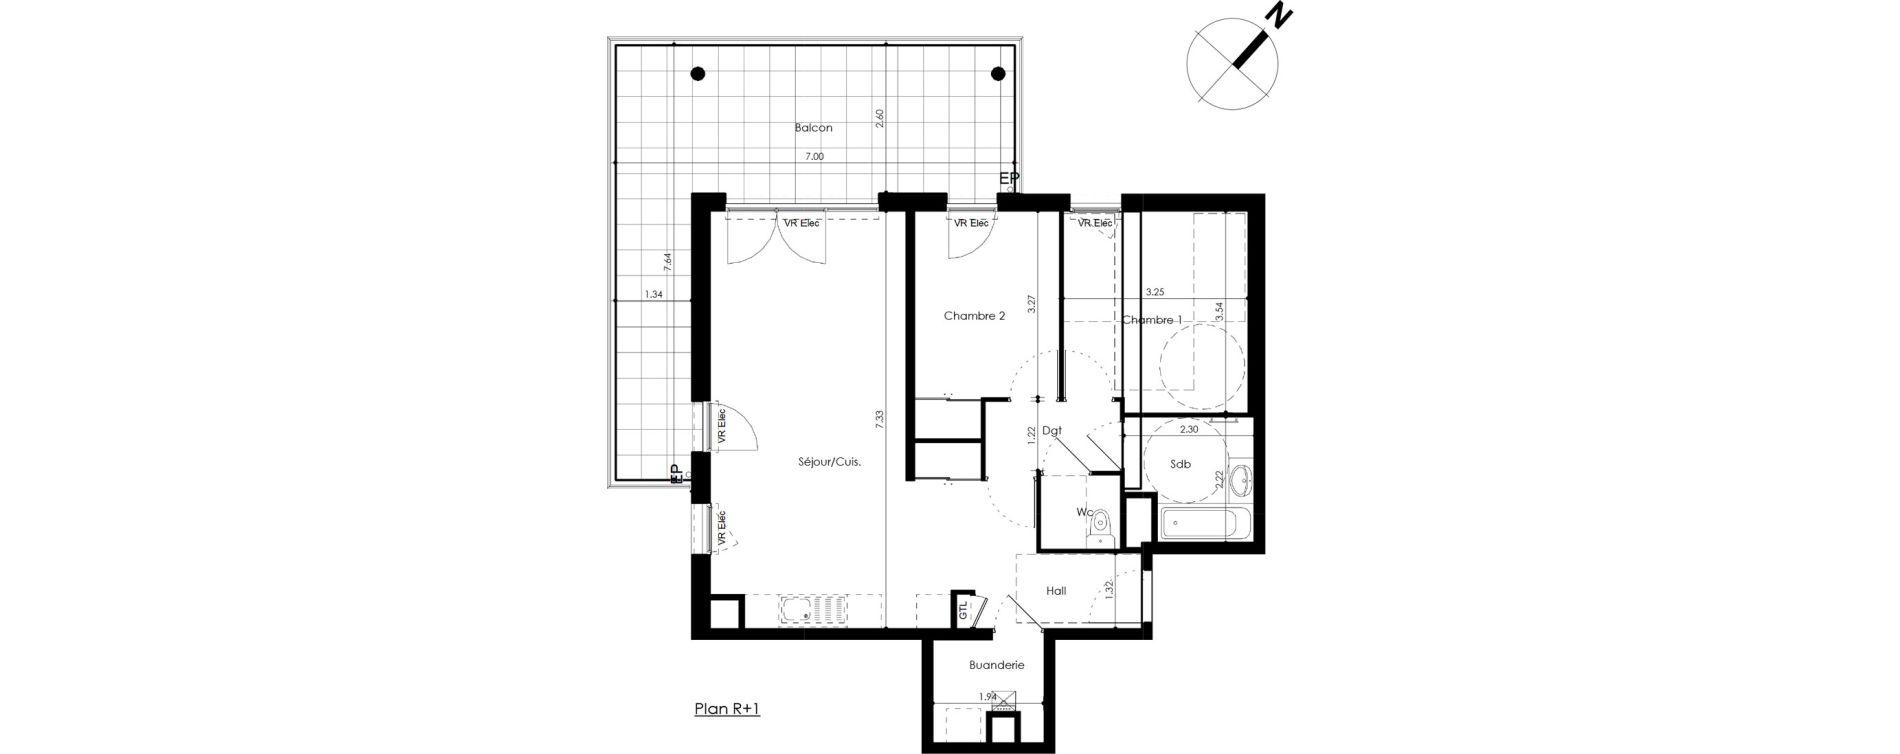 Appartement T3 de 66,66 m2 Crozet Centre